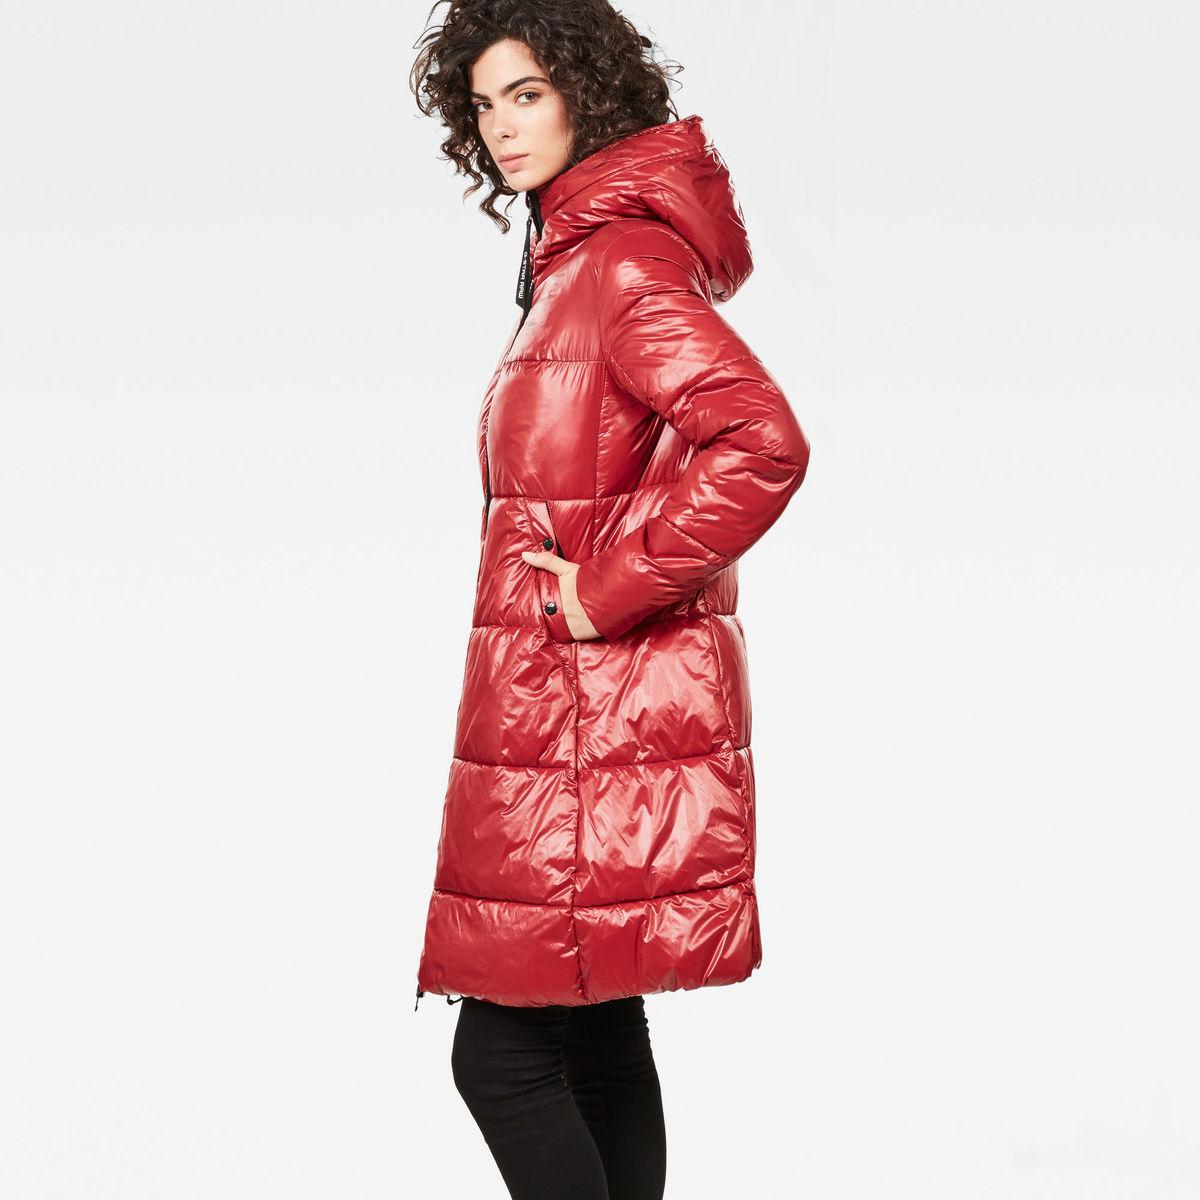 Bild 2 von Whistler A-Line Jacket